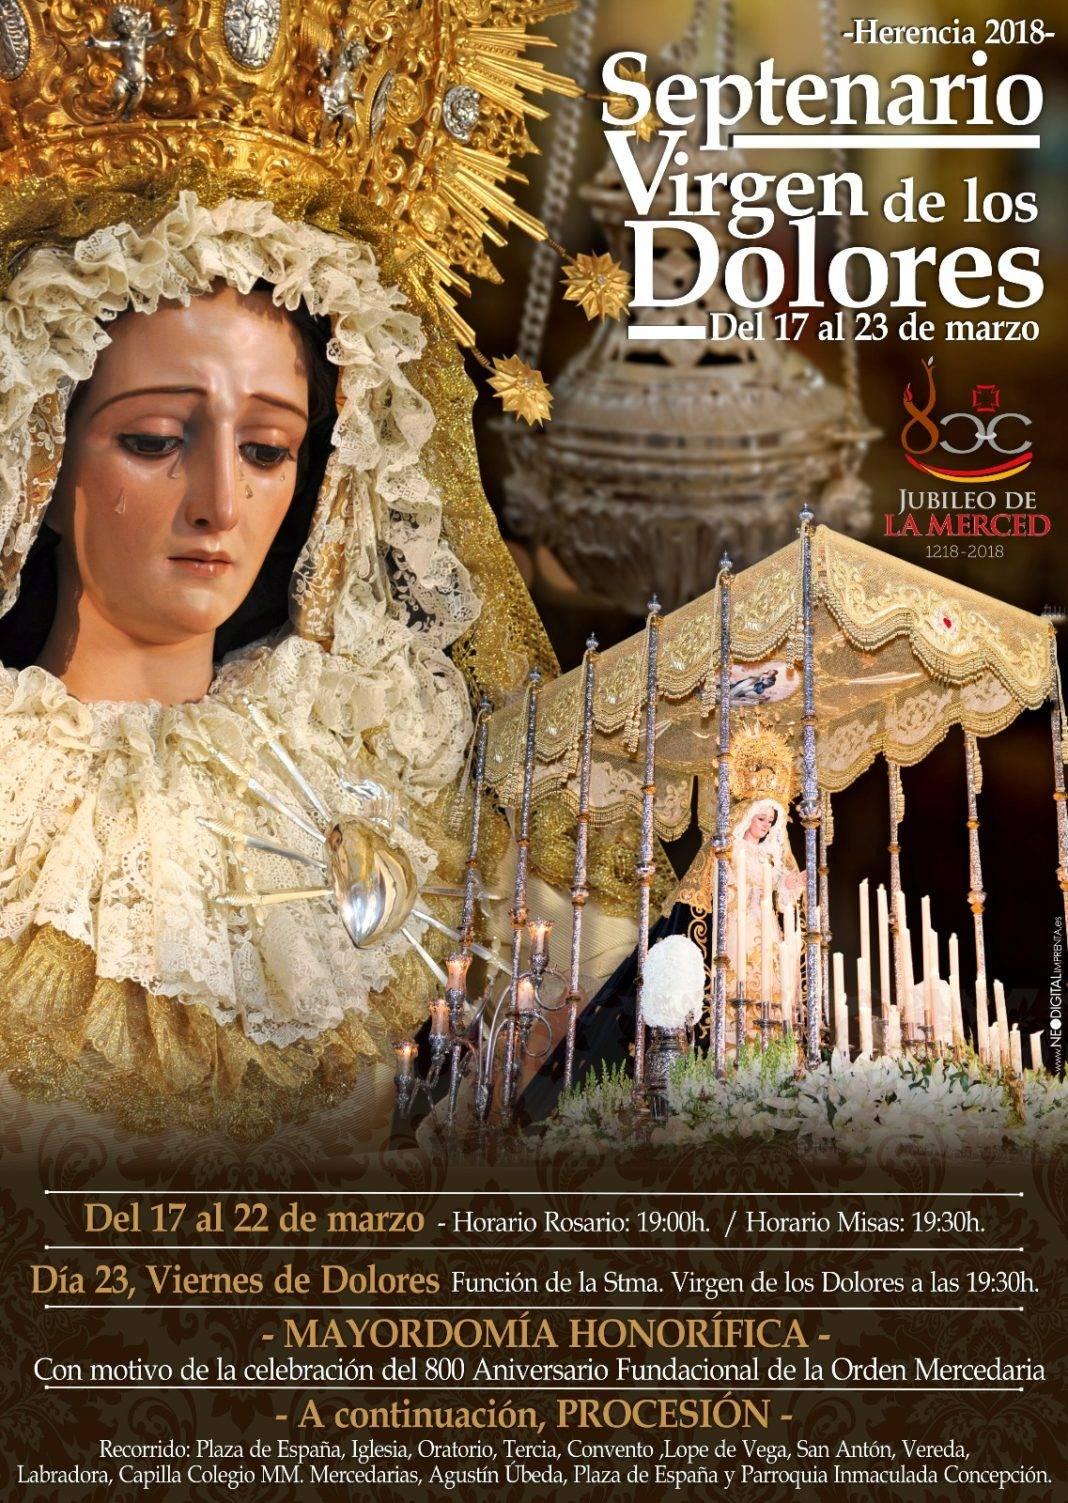 Septeario Virgen de los Dolores 1068x1503 - Septenario y procesión de la Virgen de los Dolores